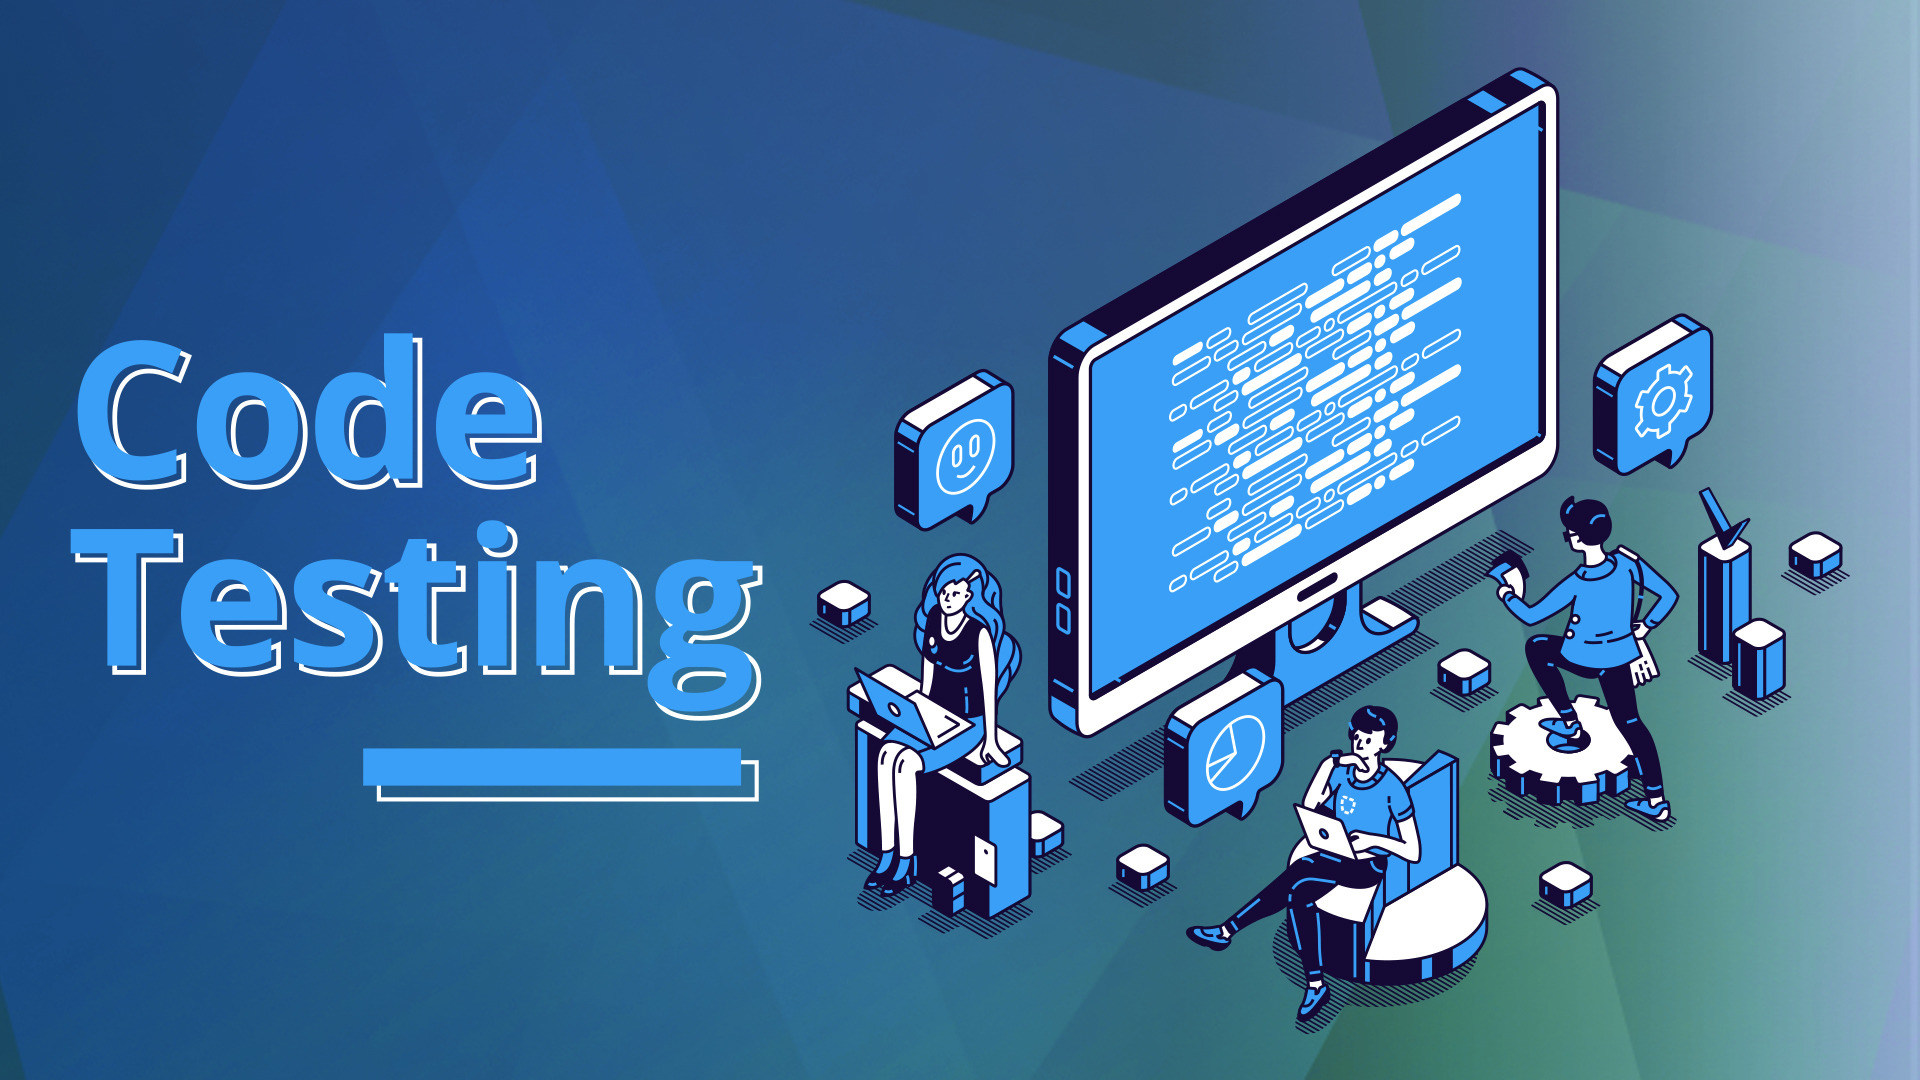 Konsole, Hacker, Security, Hack, Beta, Entwickler, Entwicklung, Exploit, Cybersecurity, Hacking, Code, Programmierung, Quellcode, Programmierer, Developer, Sdk, Programmieren, Betatest, Cyber, Dev, Sourcecode, Development, Coder, Terminal, Shell, Binärcode, Coding, Binär, Virtual Console, Console, Qualitätssicherung, Code Testing, QA